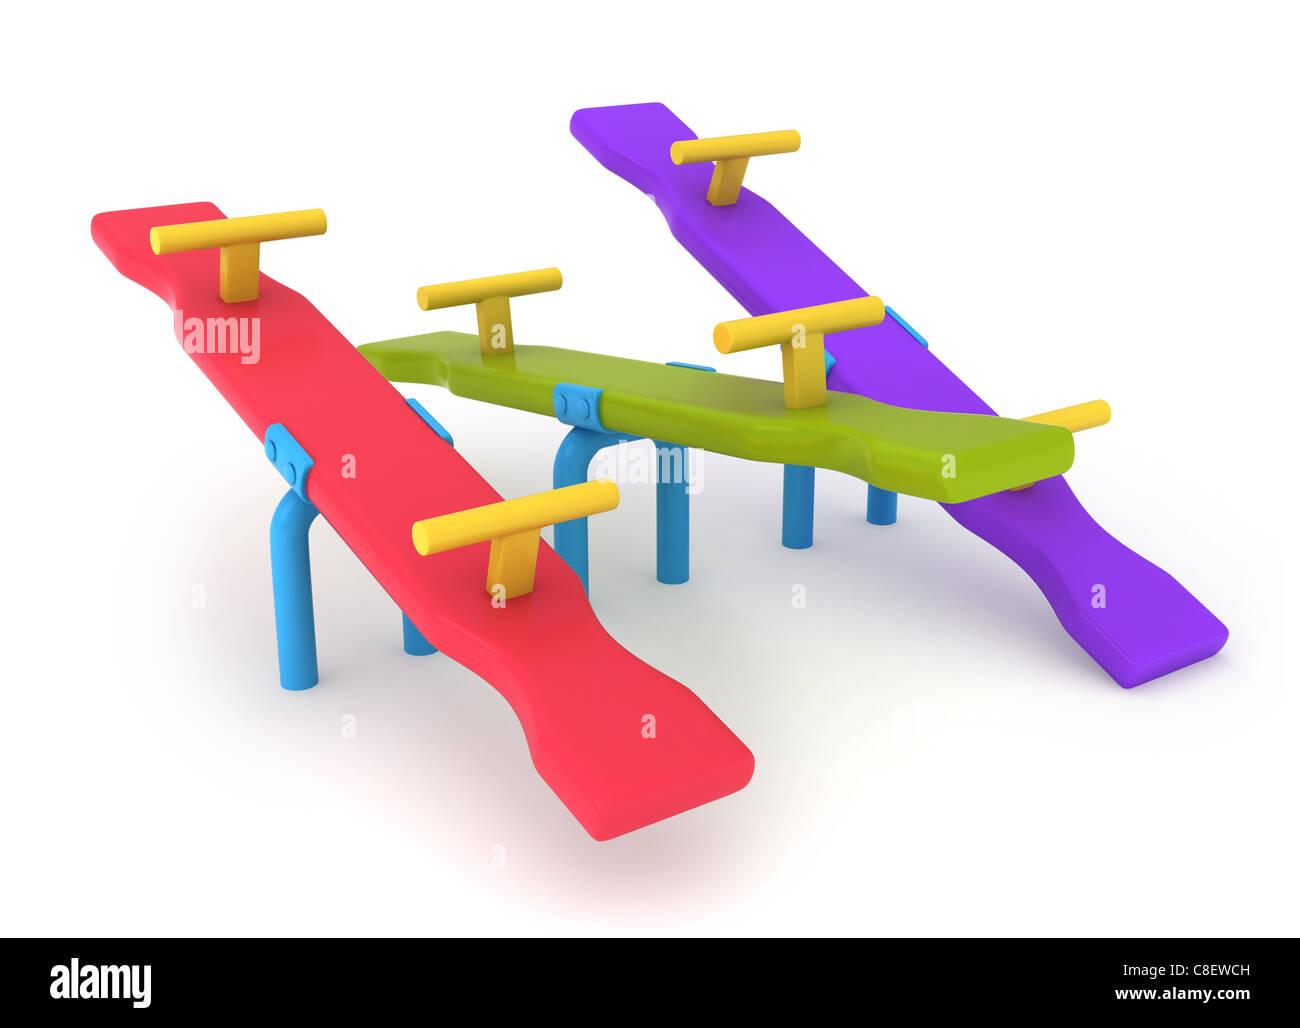 Ilustración 3D de subibajas Imagen De Stock